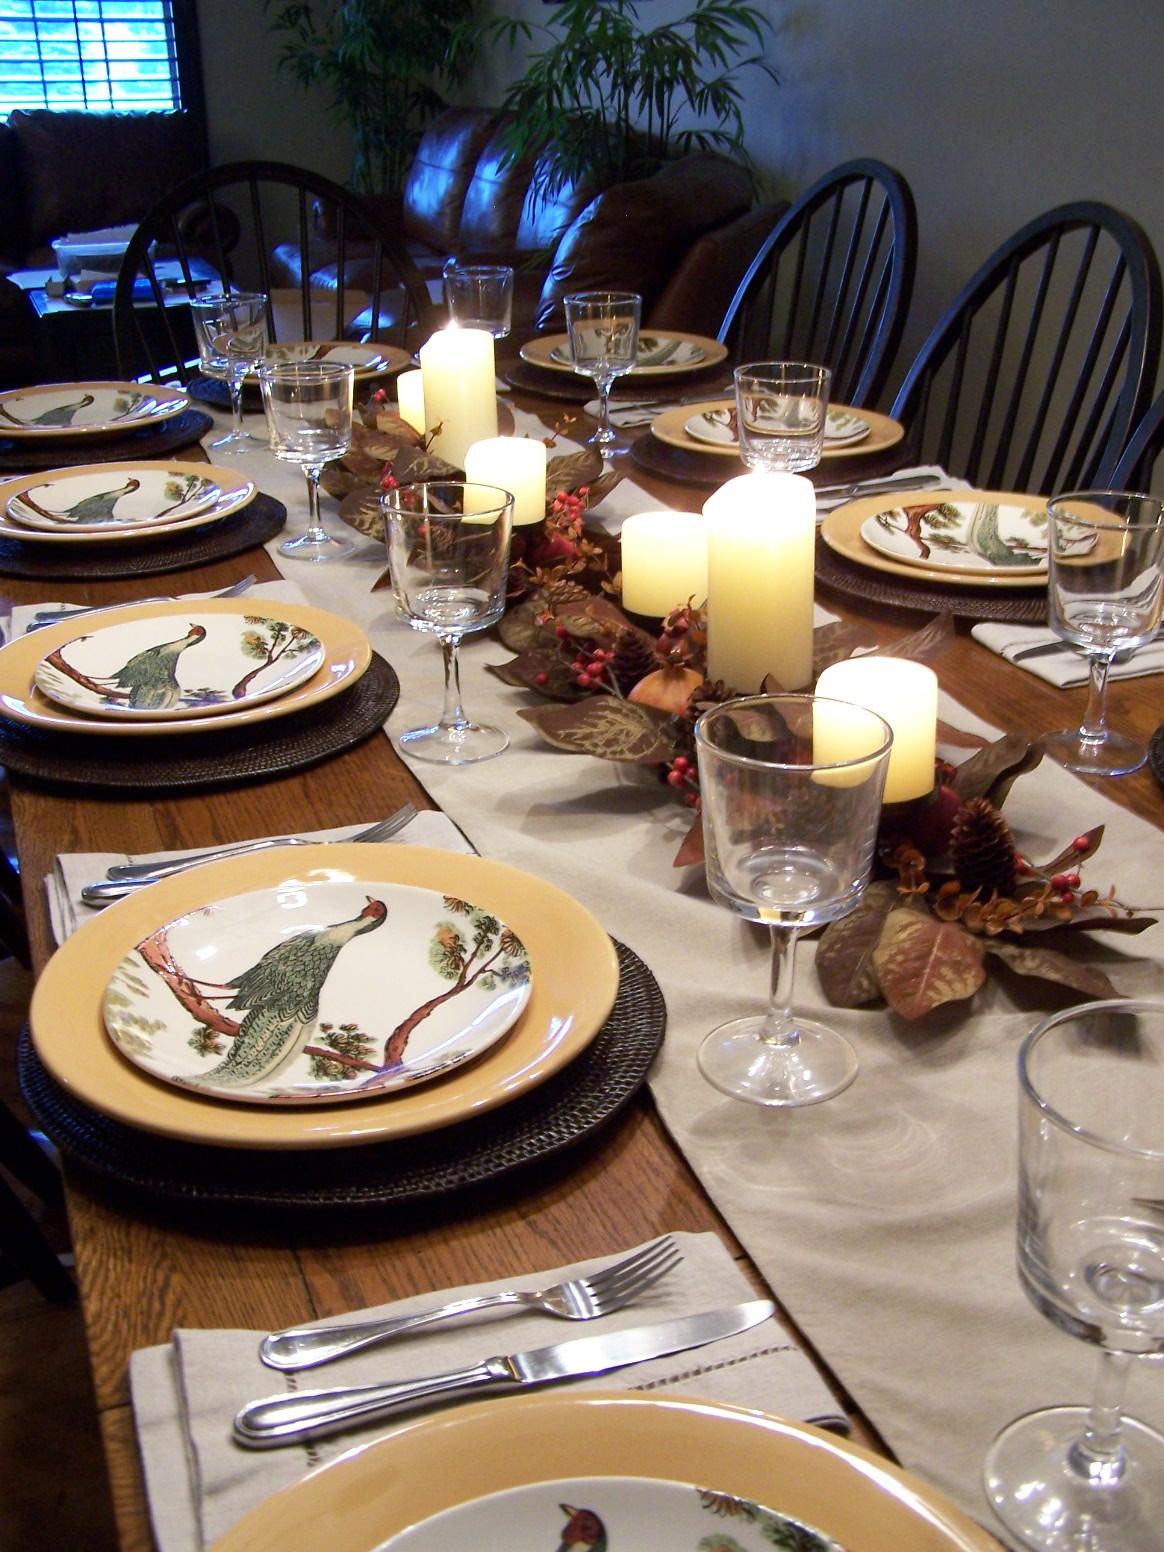 Thanksgiving Dinner Table Settings  Allyson Jane Thanksgiving Dinner From Scratch